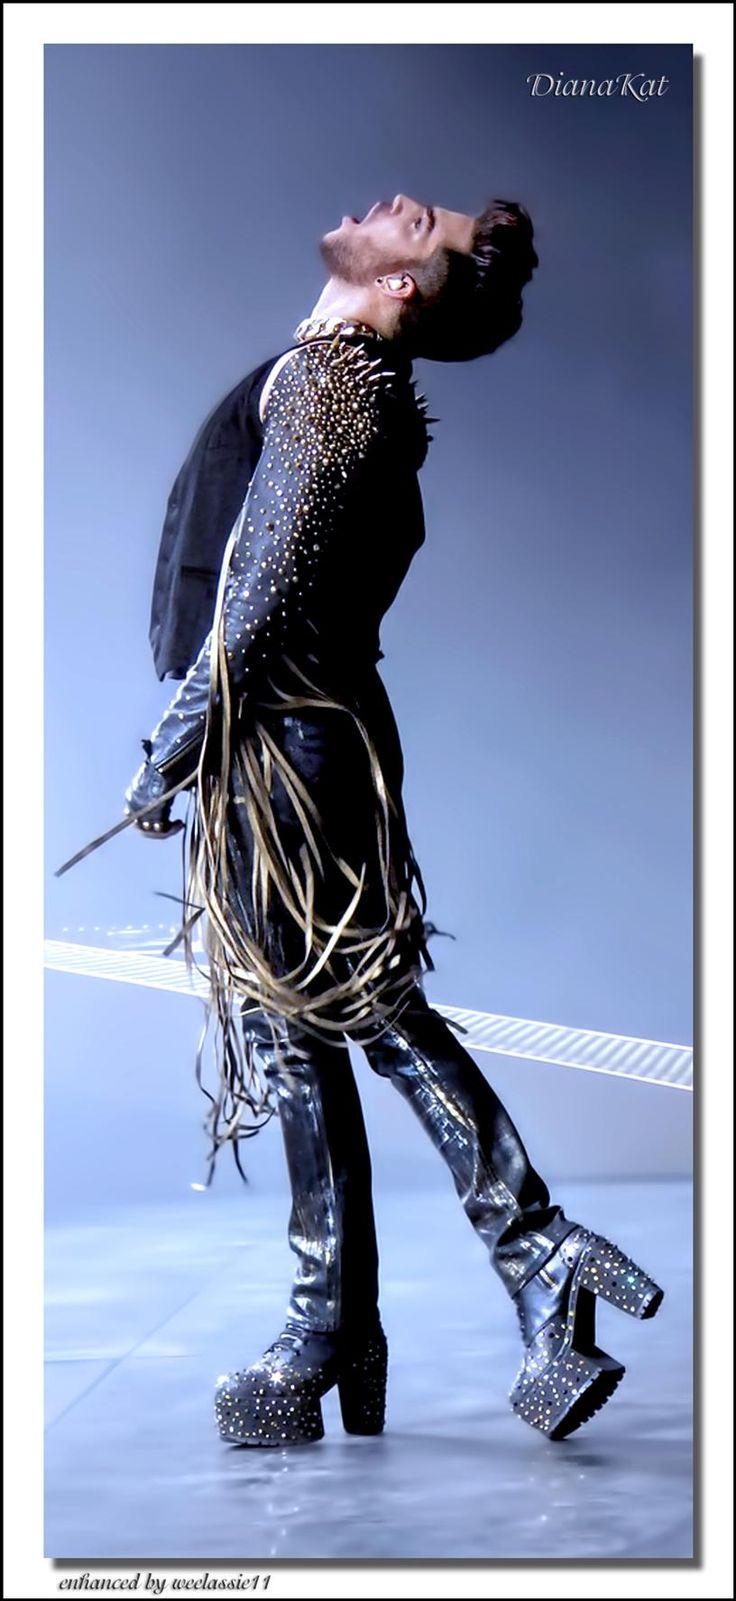 """OMG, TOTALLY AMAZING. """"@weelassie11: An Adam Lambert image by @dianakat13.  Enhanced by weelassie11 """""""